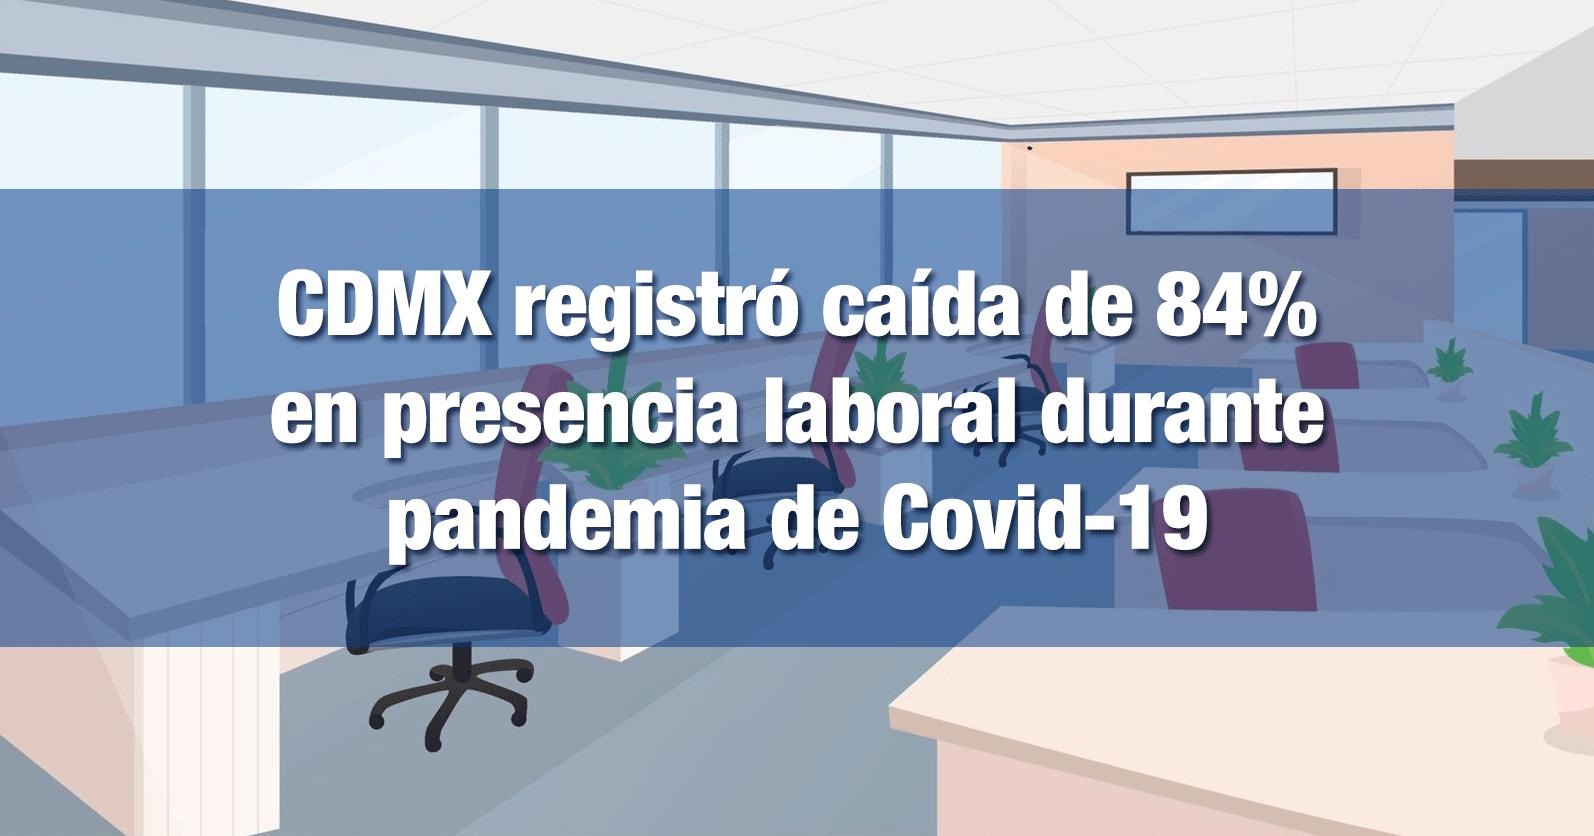 CDMX registró caída de 84% en presencia laboral durante pandemia de Covid-19